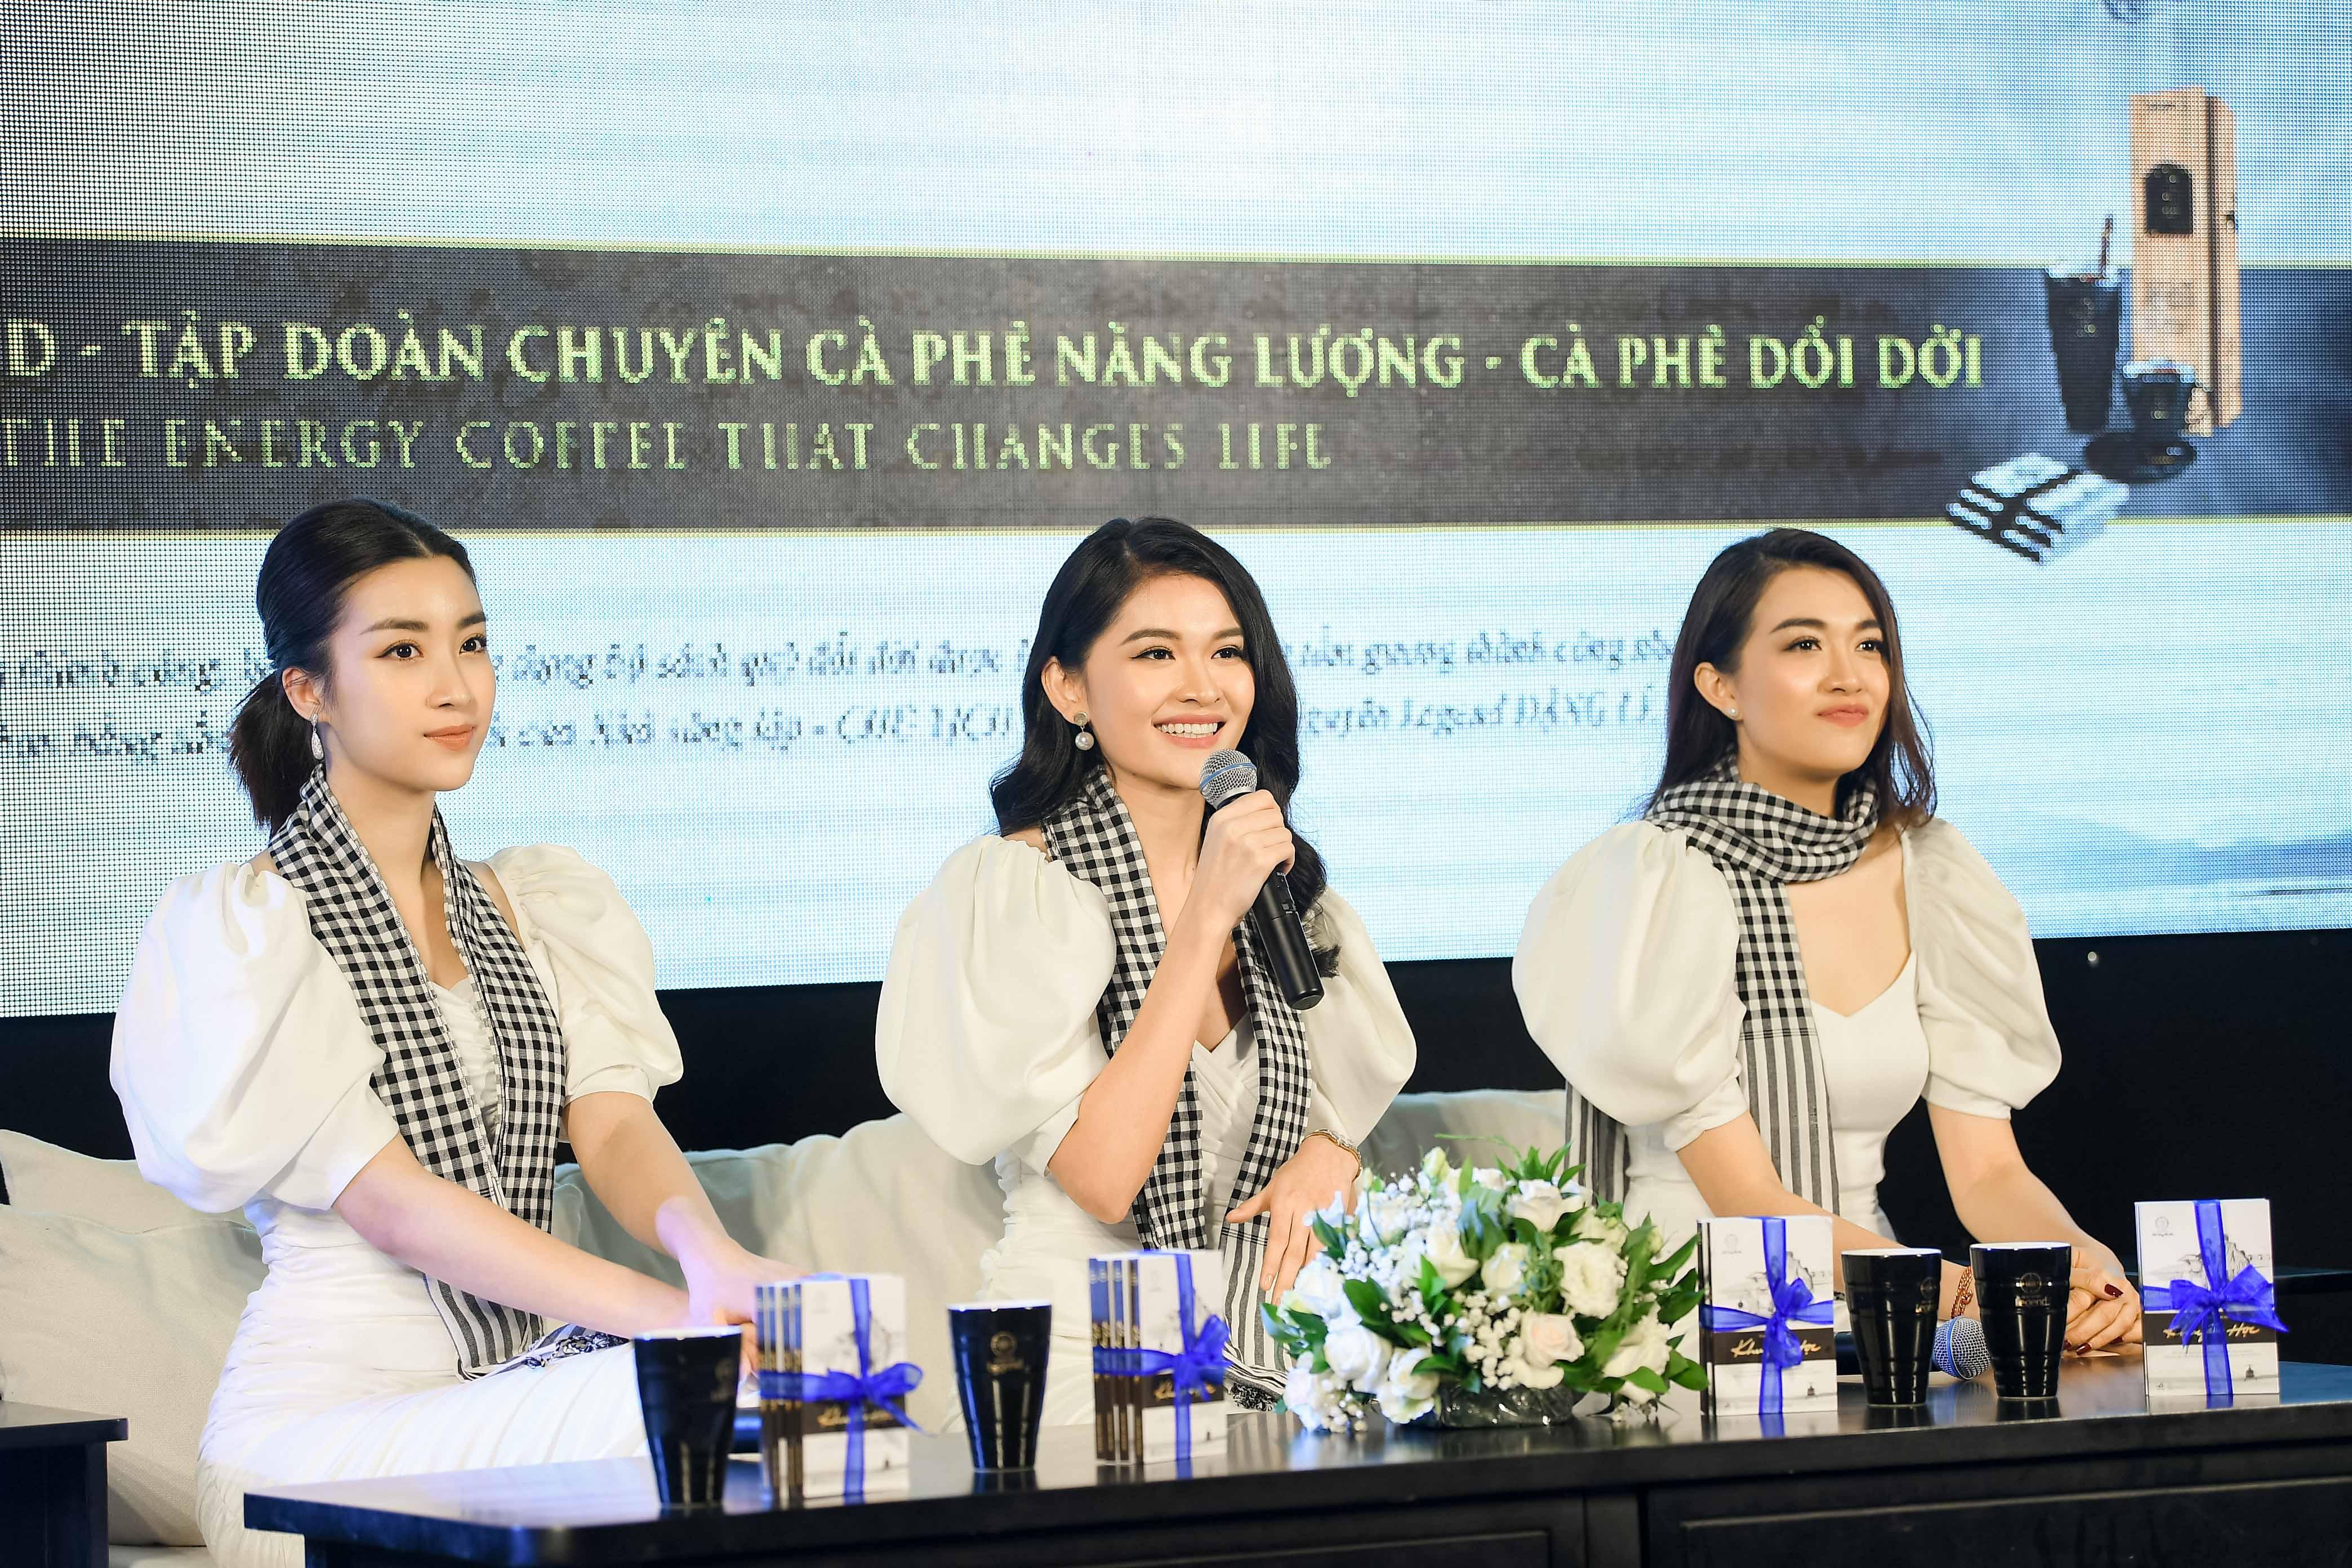 Hoa hậu Mỹ Linh đọ sắc cùng hai Á hậu bên siêu xe của ông Đặng Lê Nguyên Vũ 6